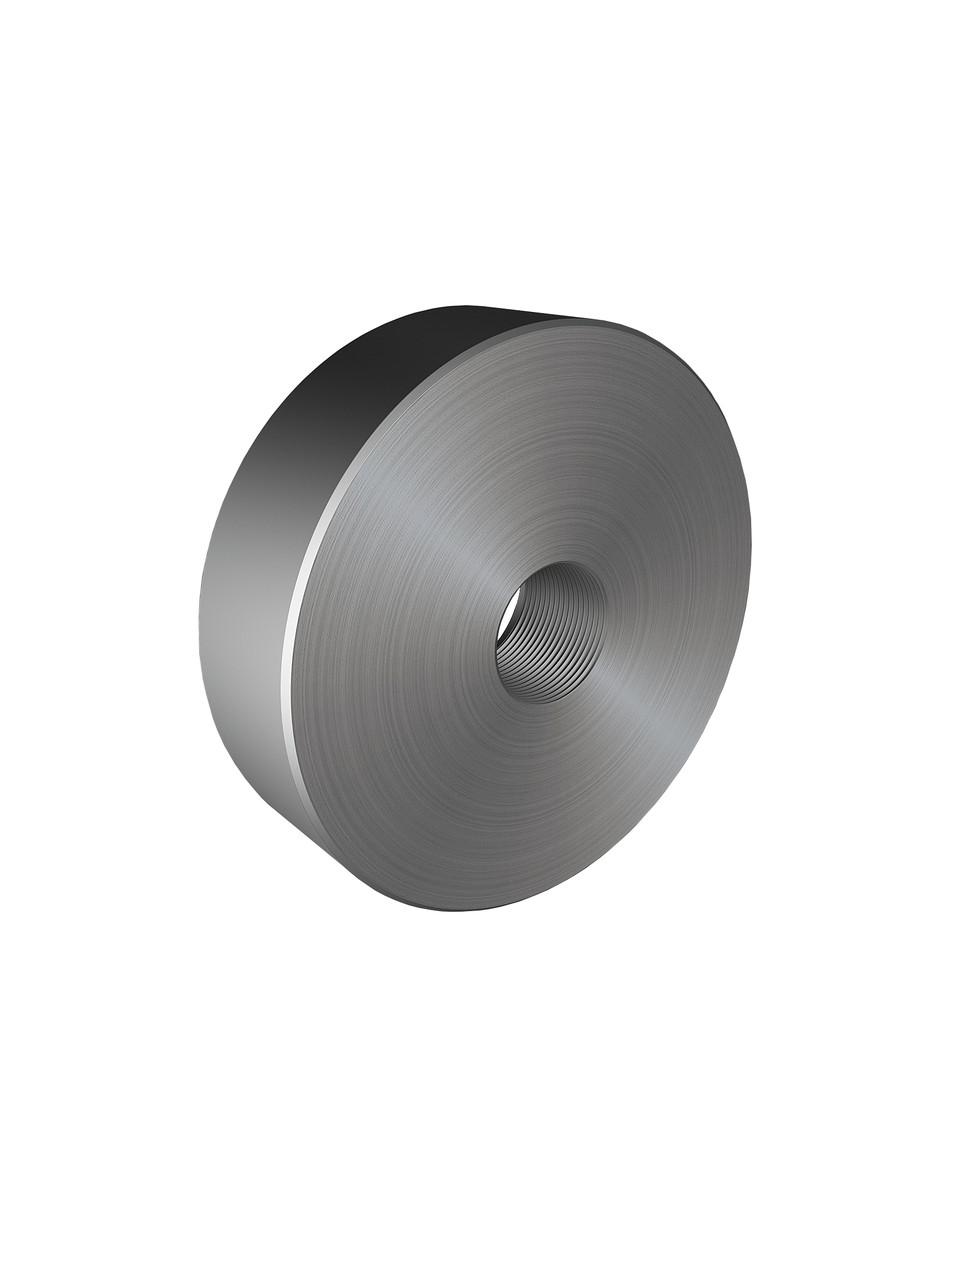 ODF-06-36-01-L15 Дистанція 15 мм для коннектора діаметром 50 мм з різьбою М12, сатин